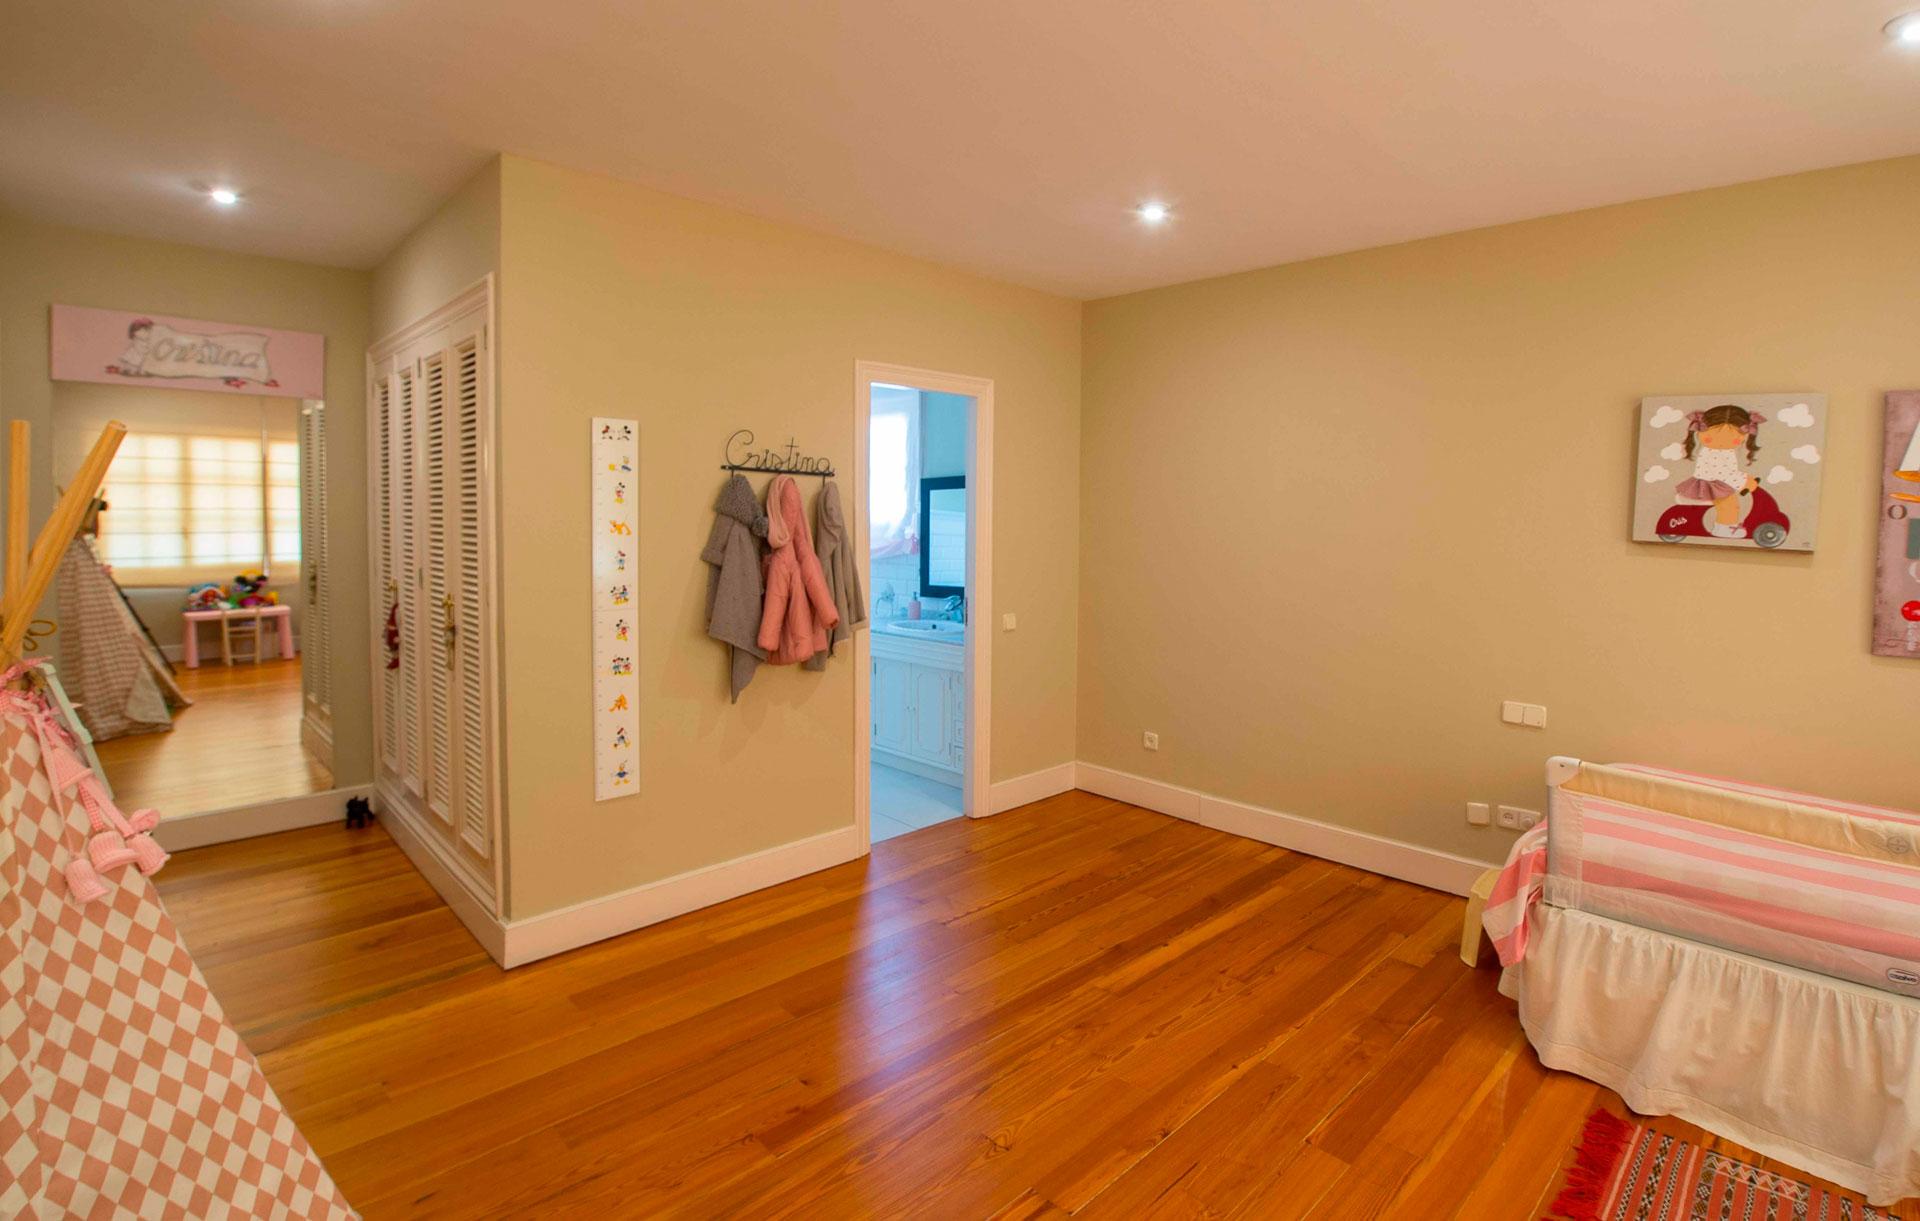 habitación infantil con baño en chalet de Madrid, urbanización La Florida